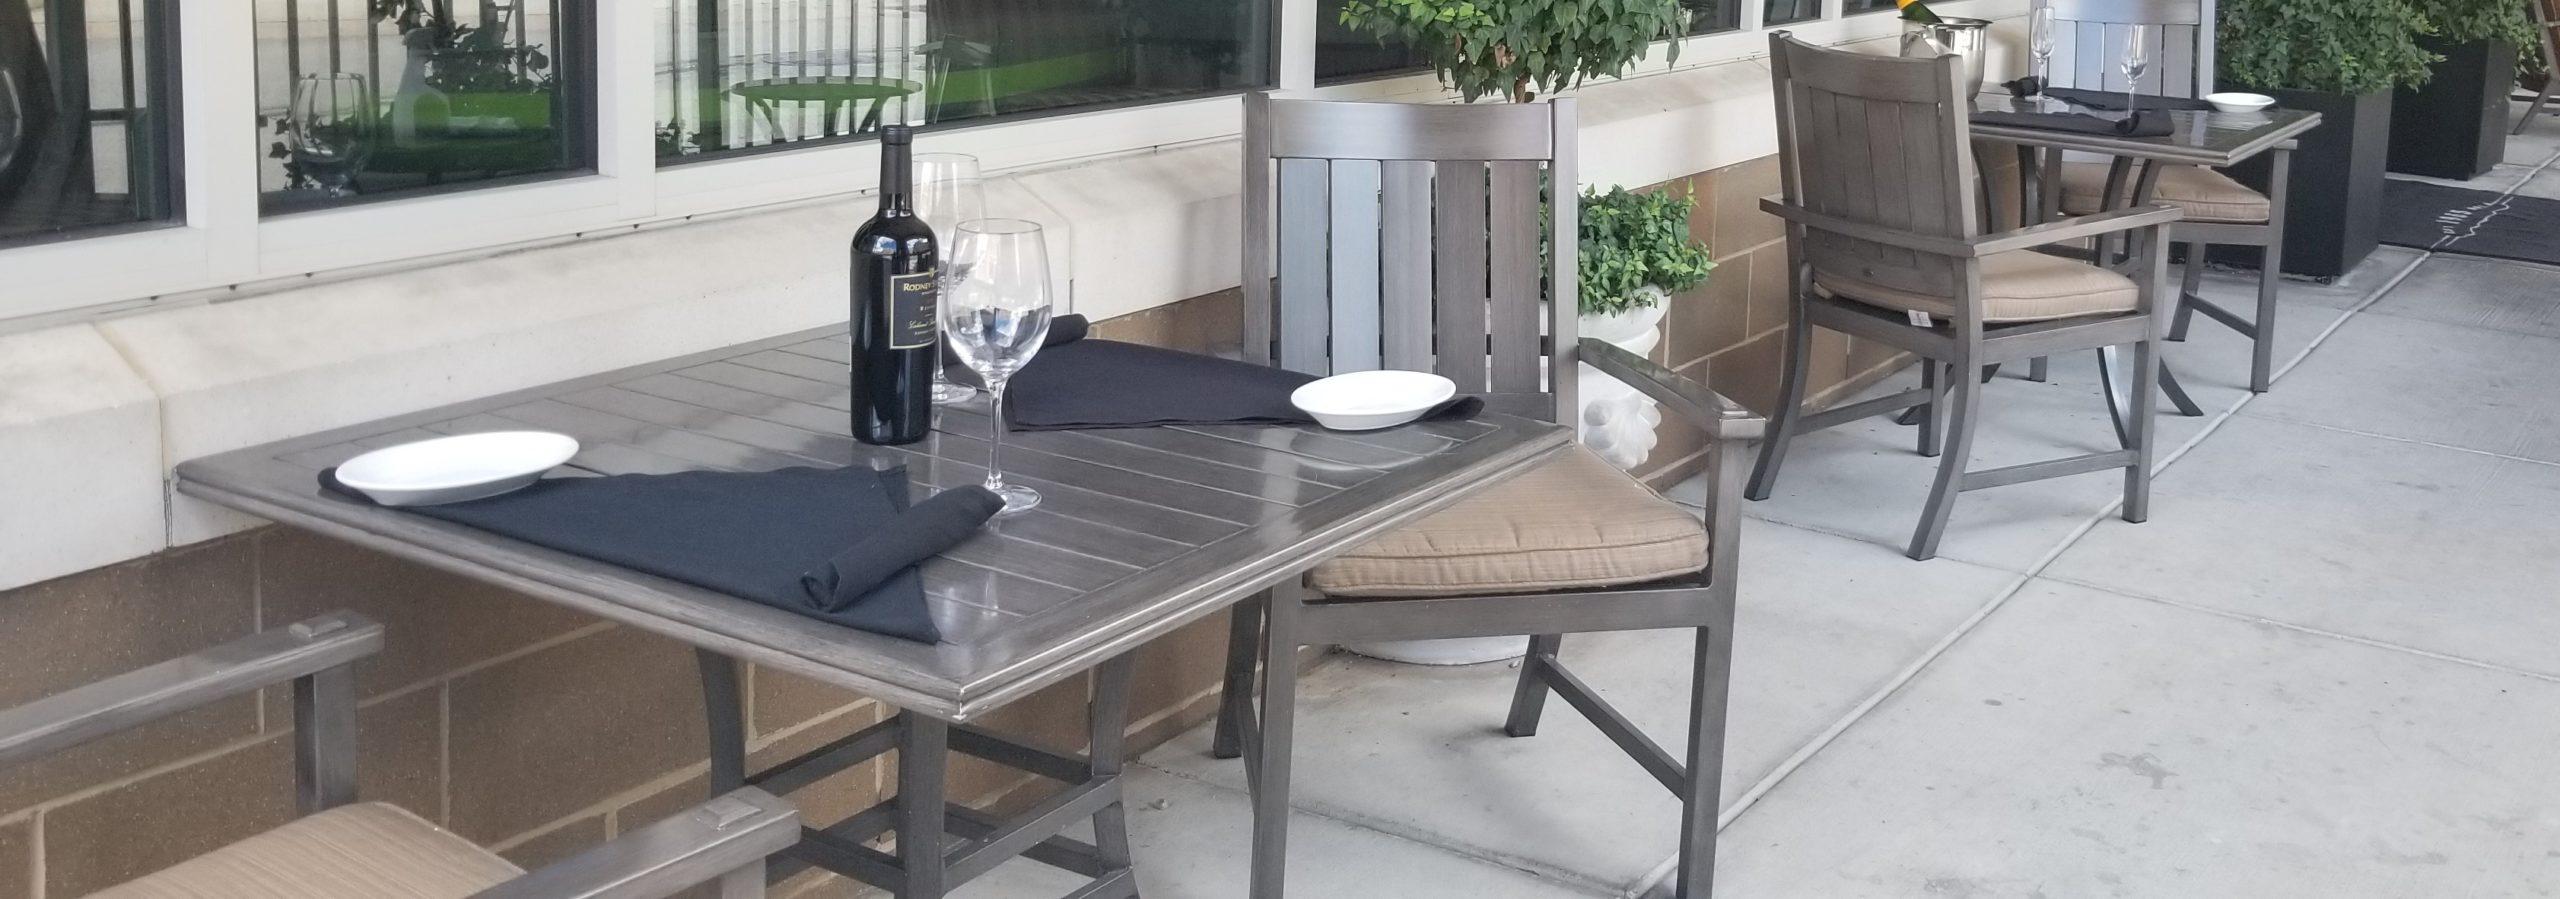 outdoor dining in huntsville al best